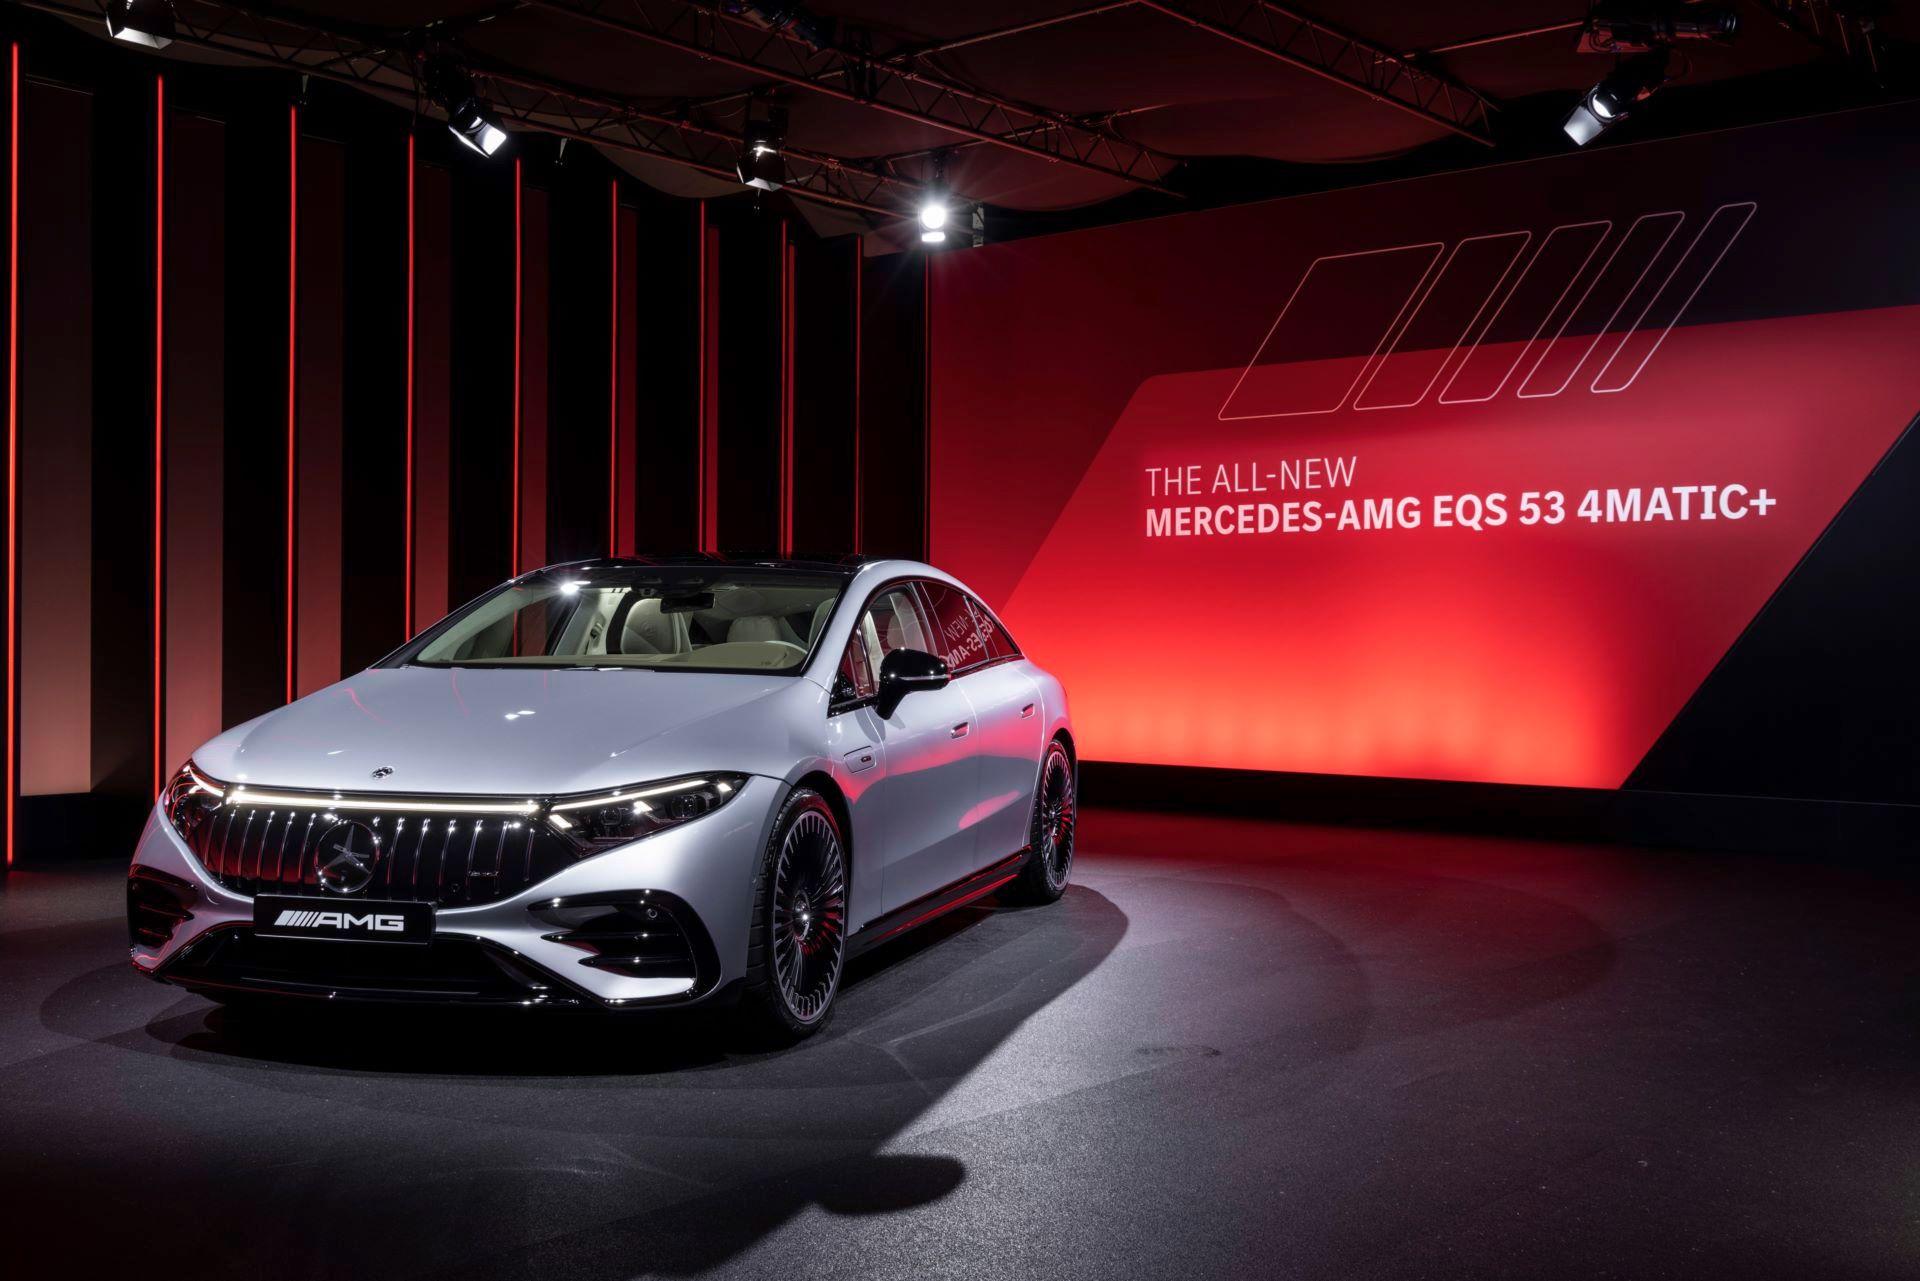 Mercedes-AMG-EQS-53-34